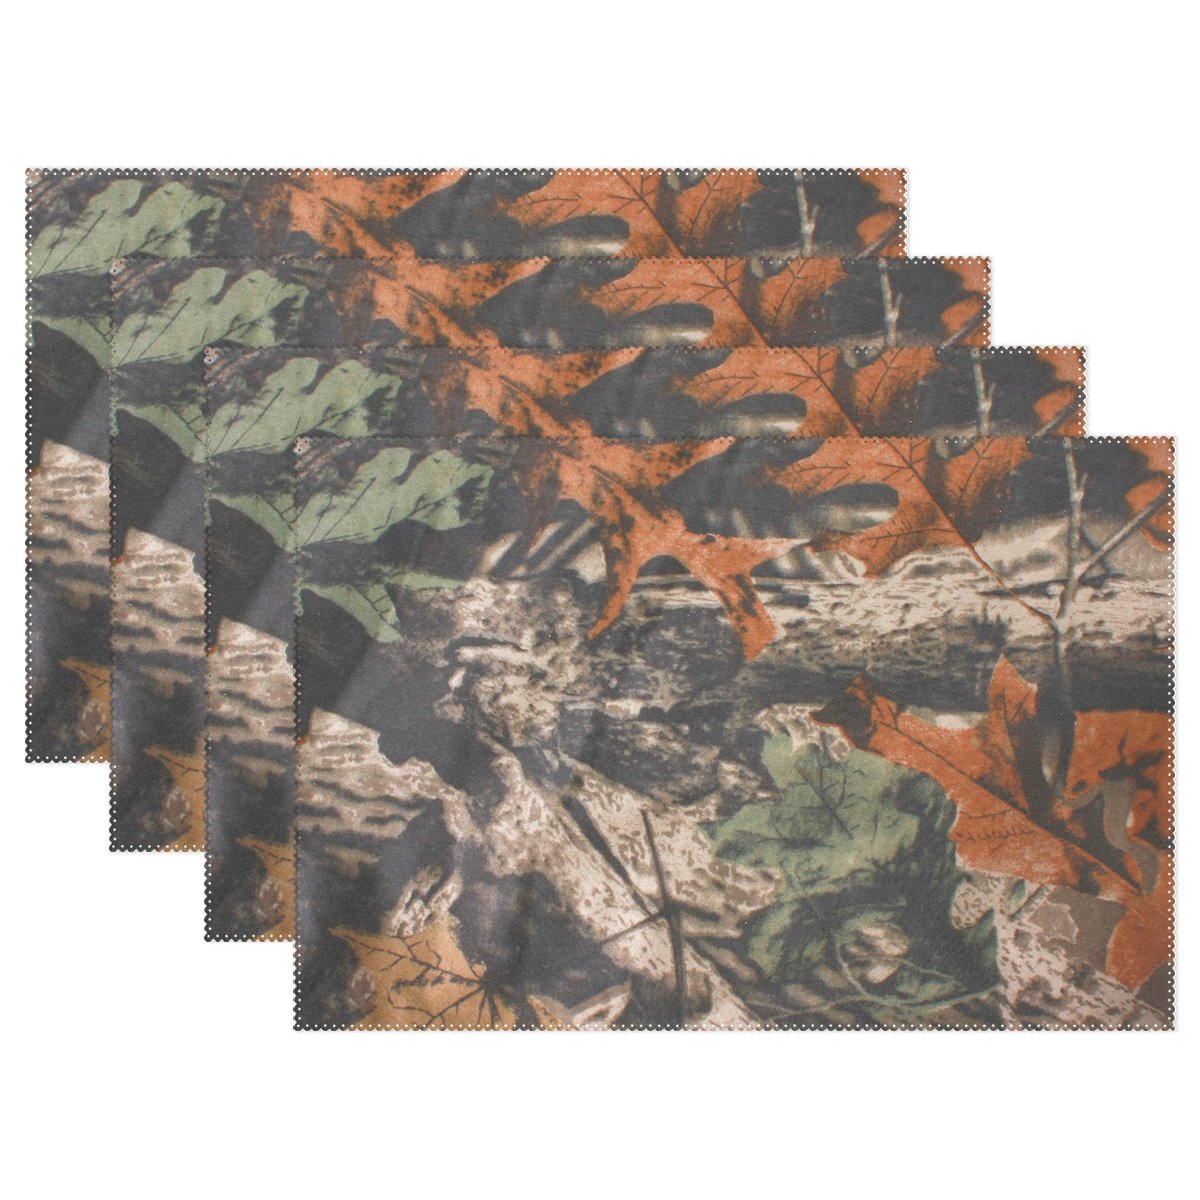 naanle迷彩プレースマット、迷彩Leave耐熱Washableテーブルデコレーションを配置用マットキッチンダイニングテーブル 12*18inch 1211185p145c160s252 6 マルチカラー B07588J9KV